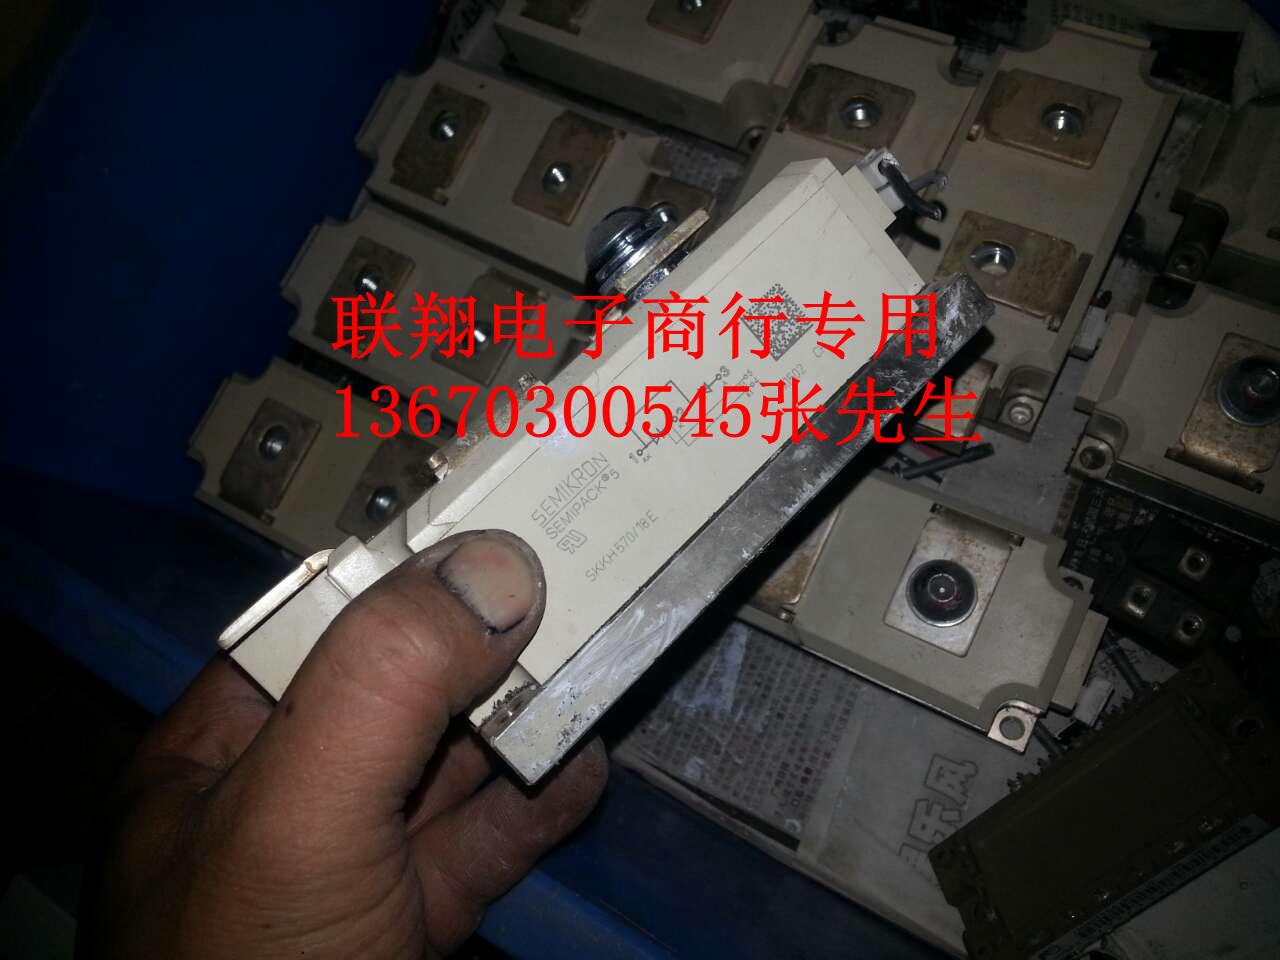 Тиристорный TRIAC   SKKH570/18E SKKH570/16E skkt132 18e skkt132 16e skkt132 14e skkt132 12e module